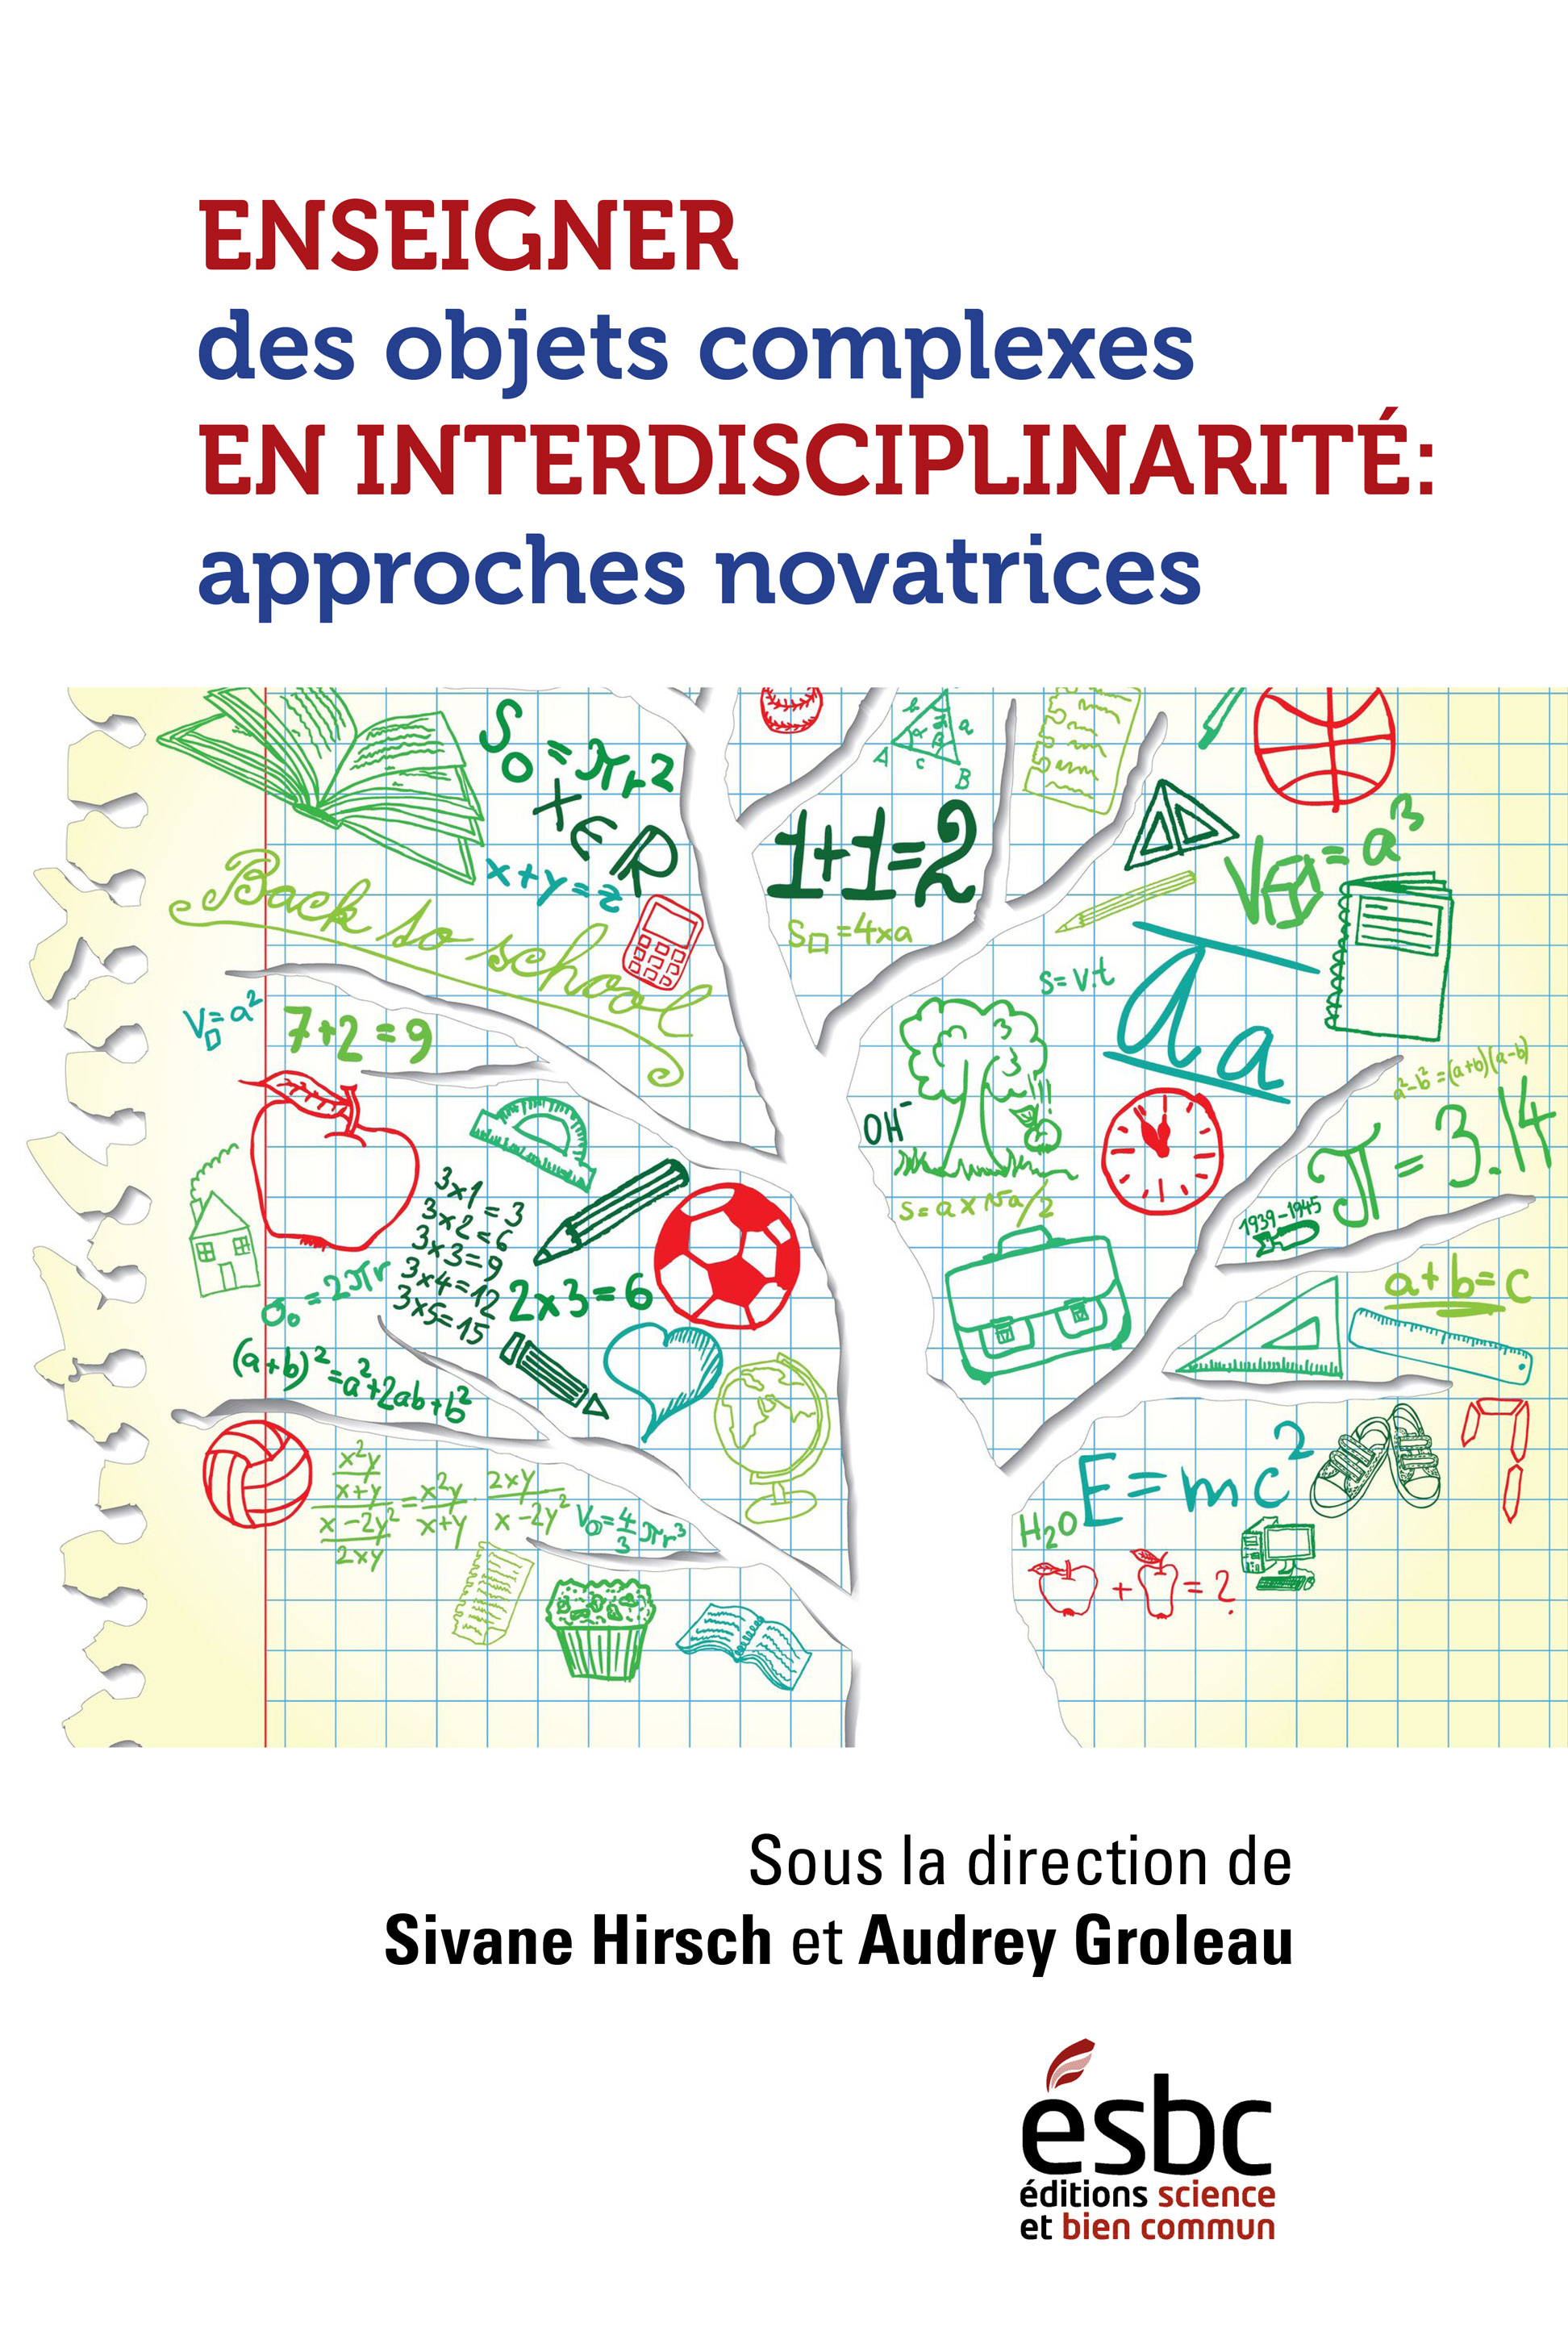 Enseigner des objets complexes en interdisciplinarité